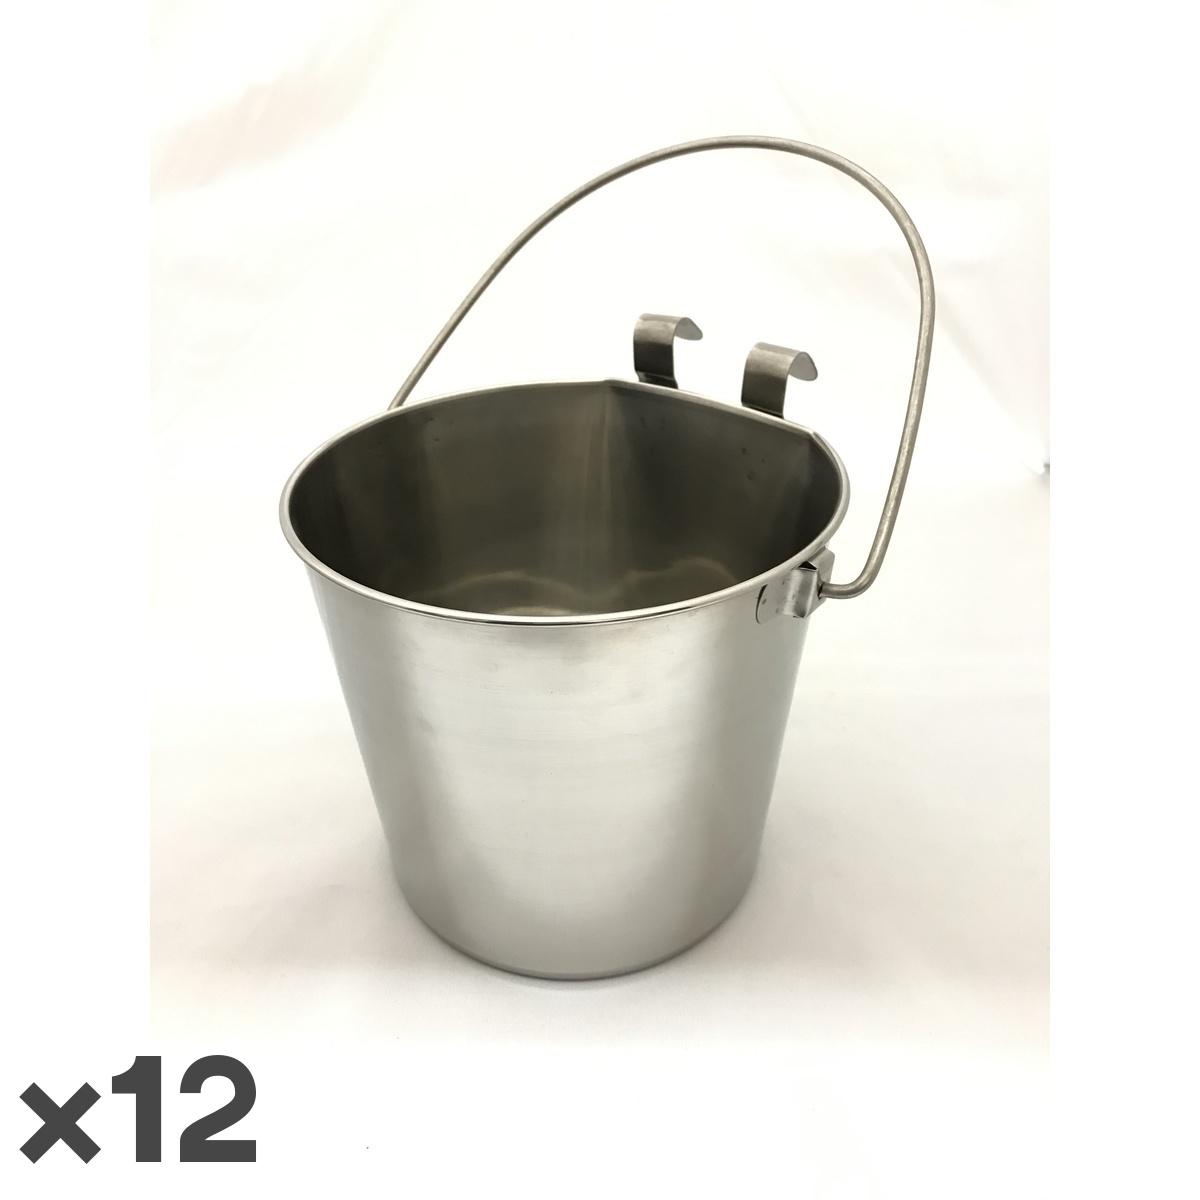 トムキャット ステンレス食器 バケツ 5.4L ×12入【送料無料】